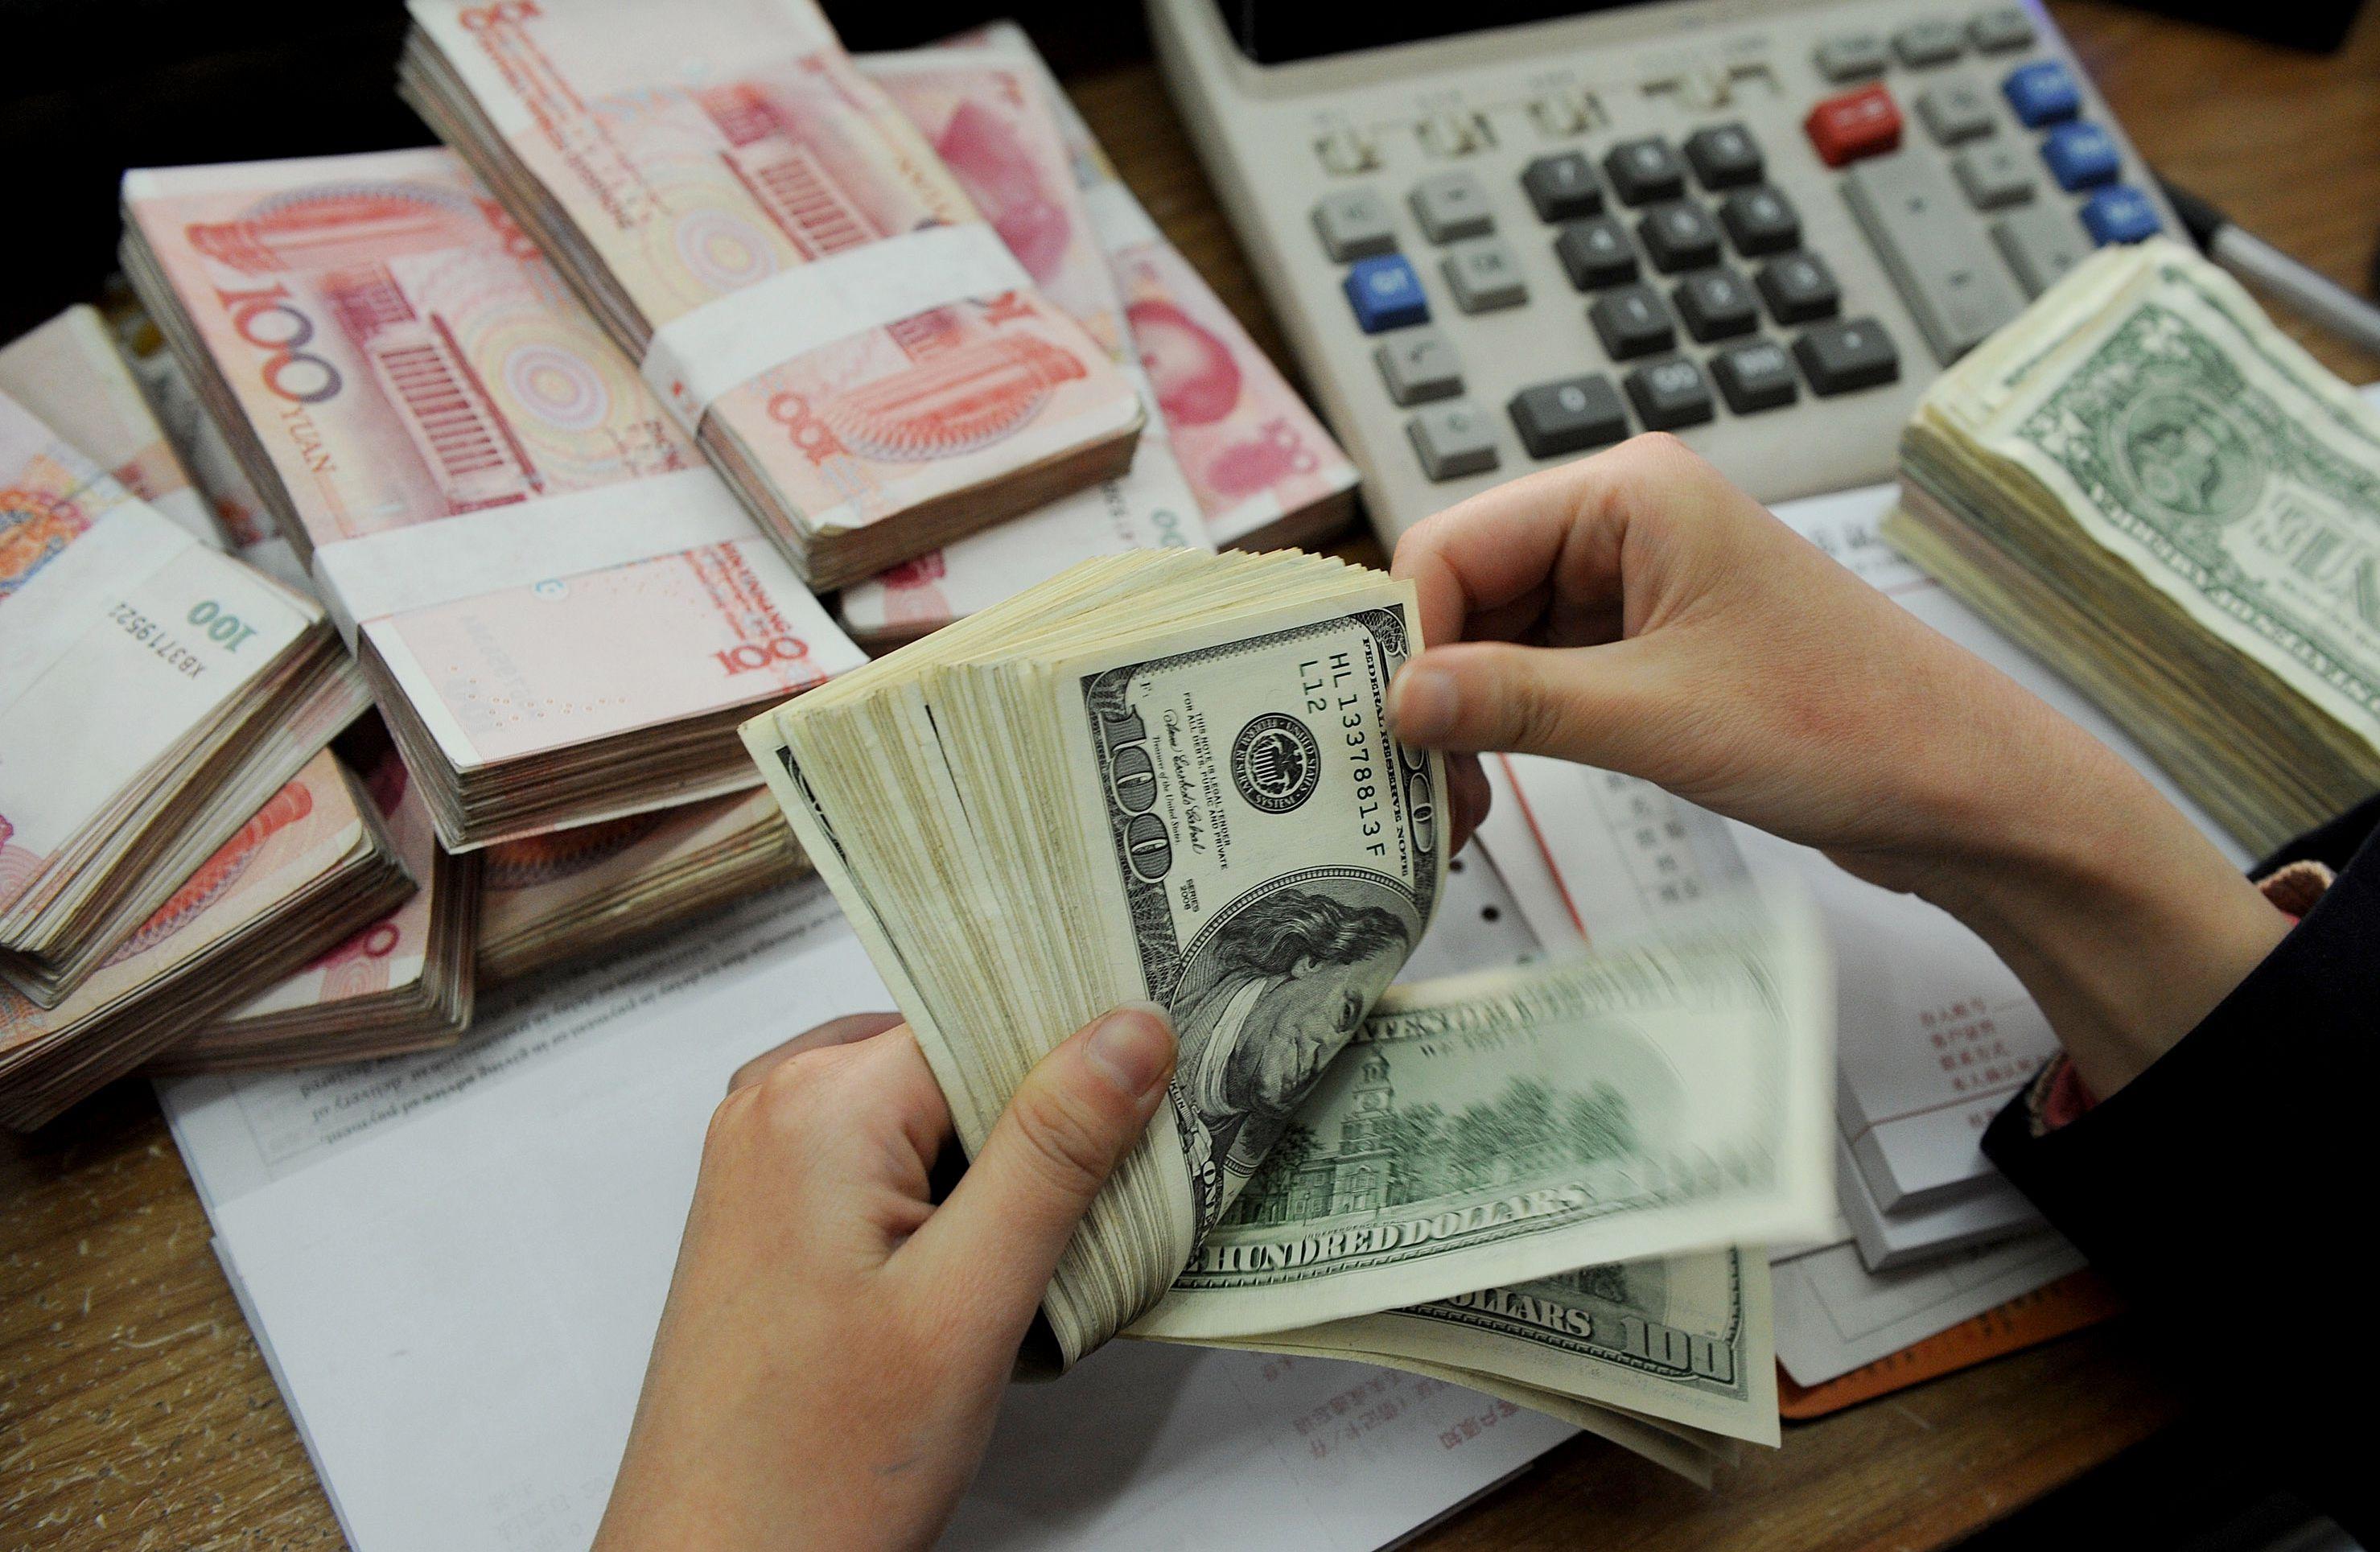 Trung Quốc liên tục phá giá nhân dân tệ: Giới đầu tư Việt Nam theo sát diễn biến